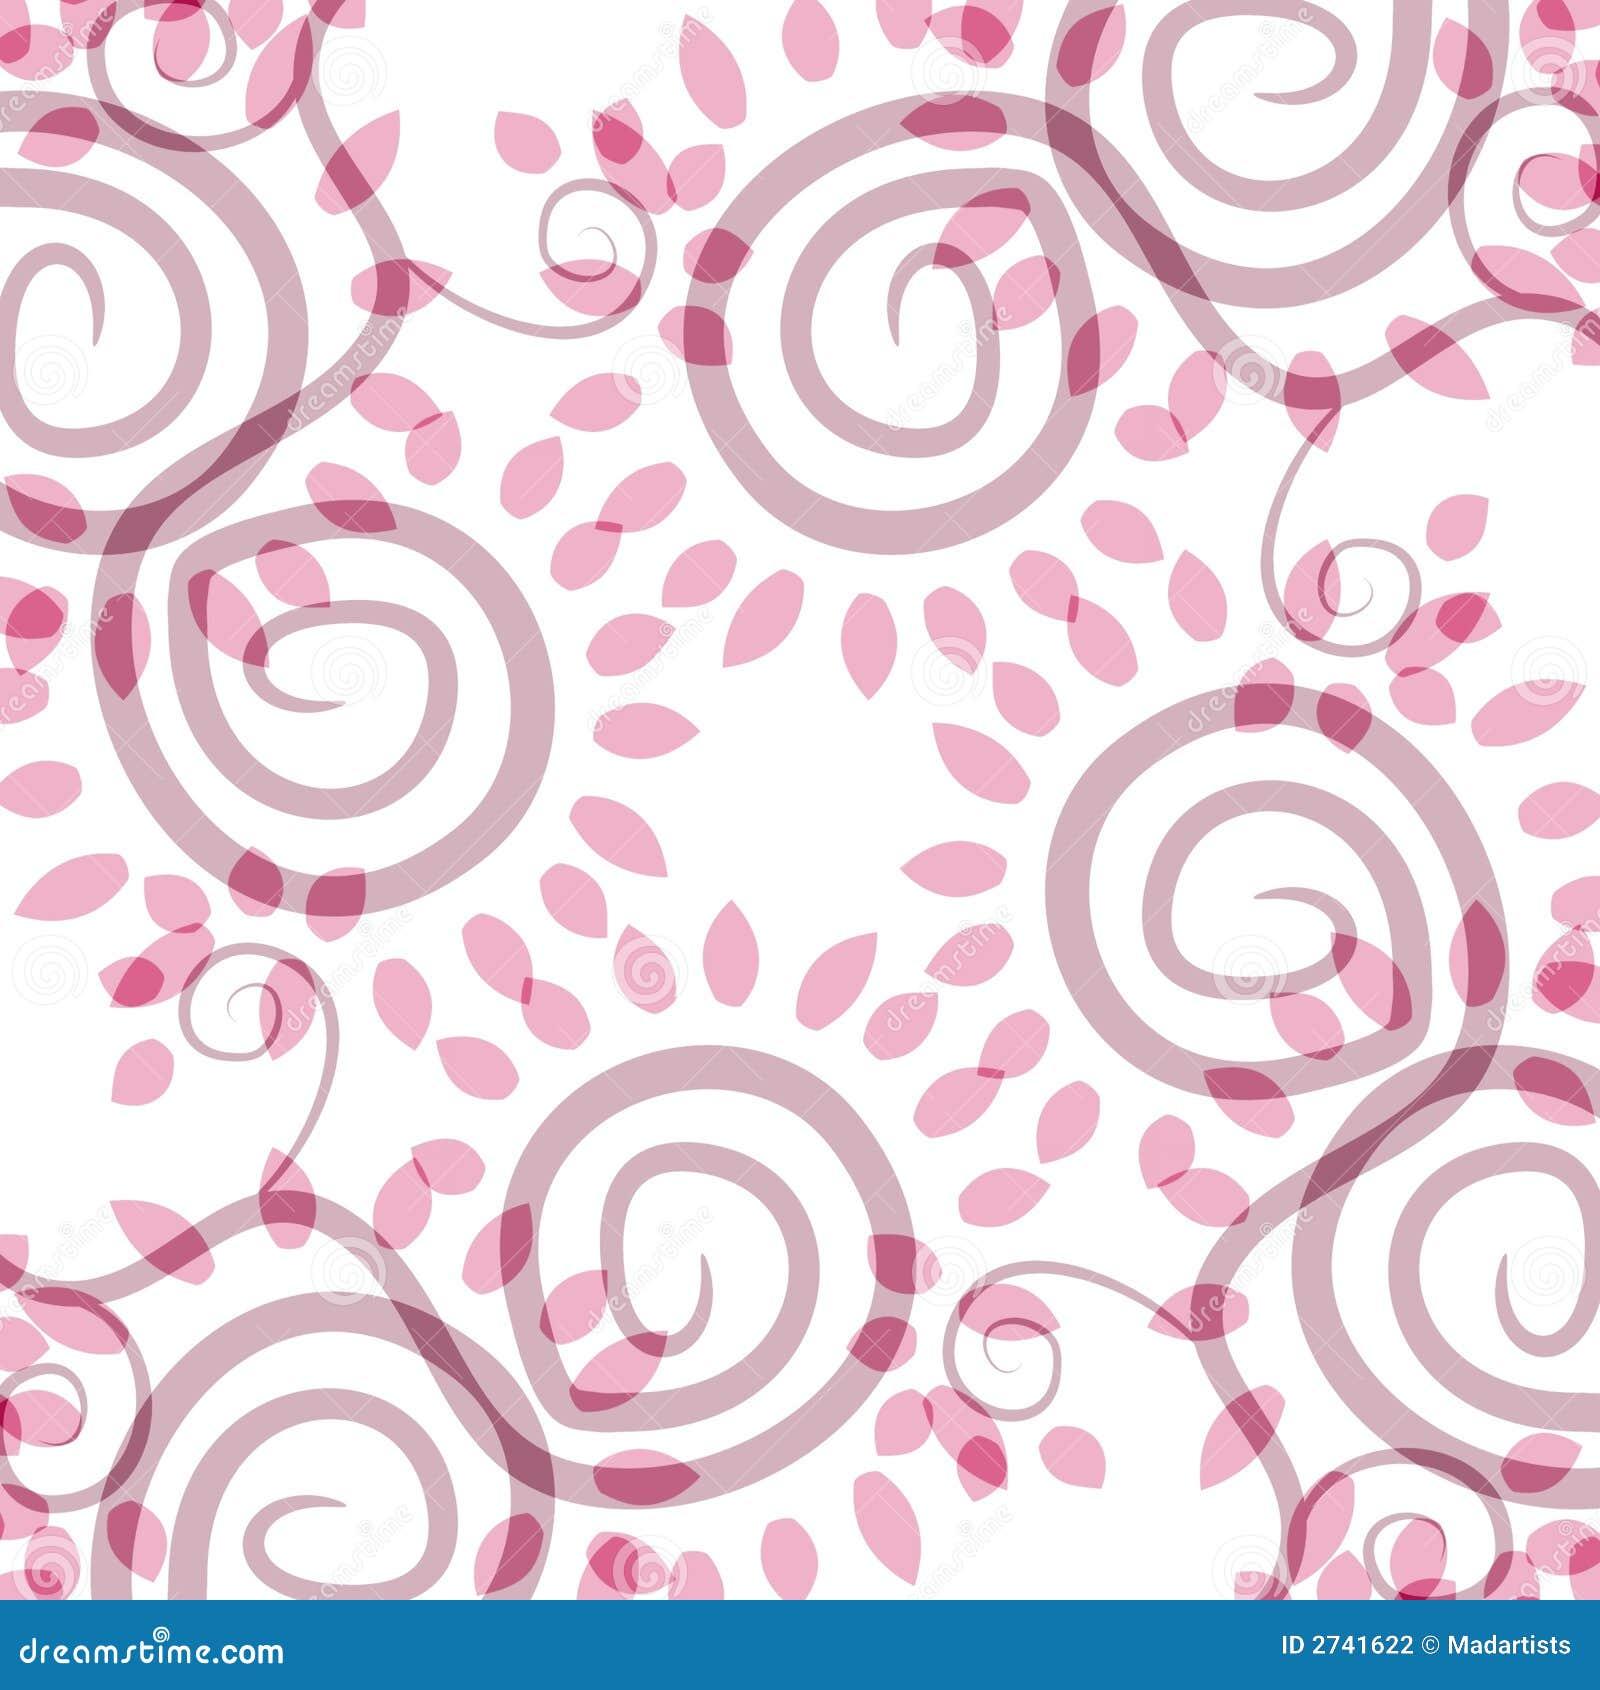 不透明的模式粉红色螺旋